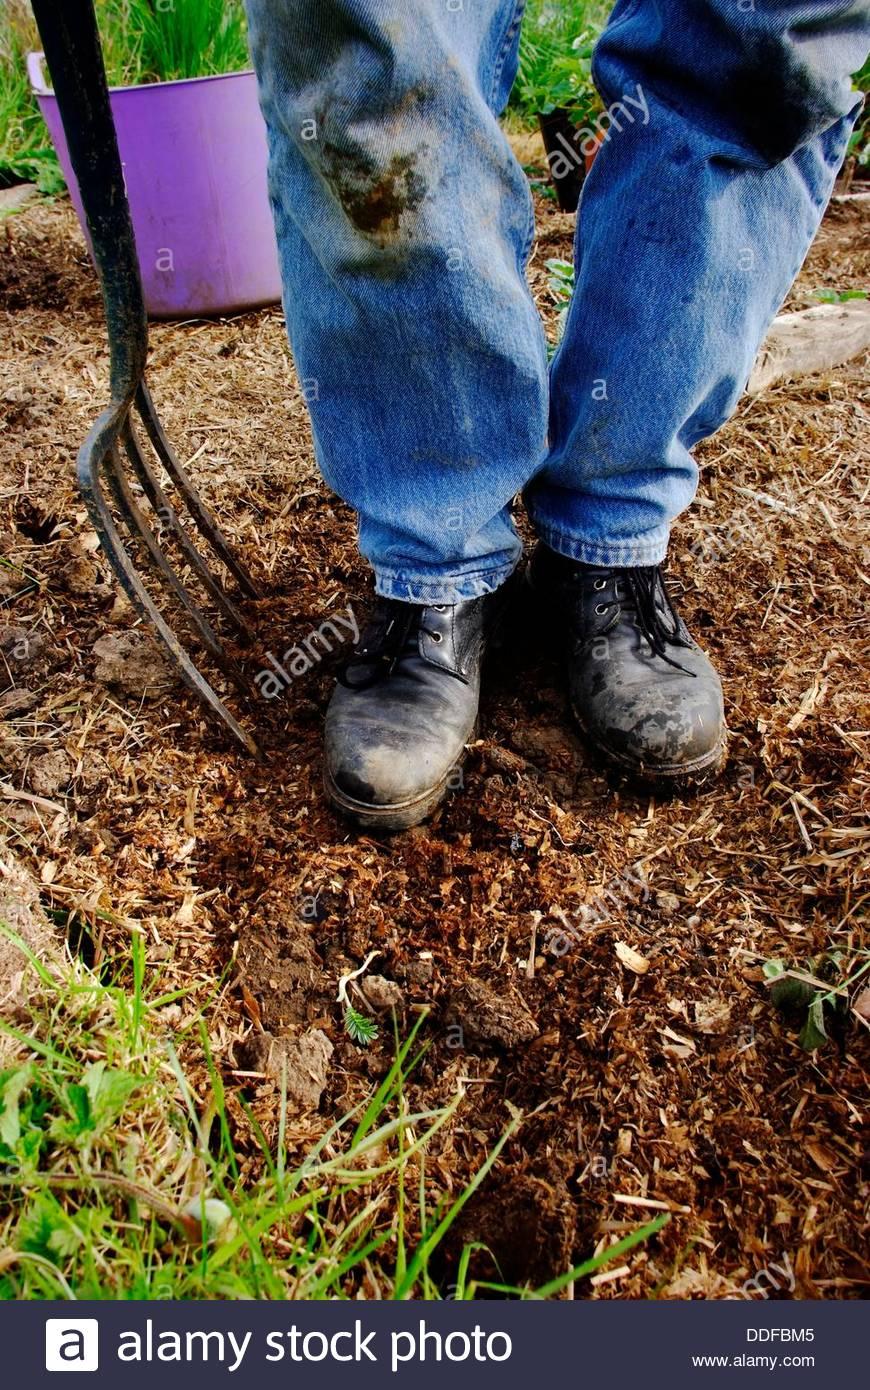 Legs Feet Gardener Dirty Boots Stock Photos & Legs Feet Gardener ...